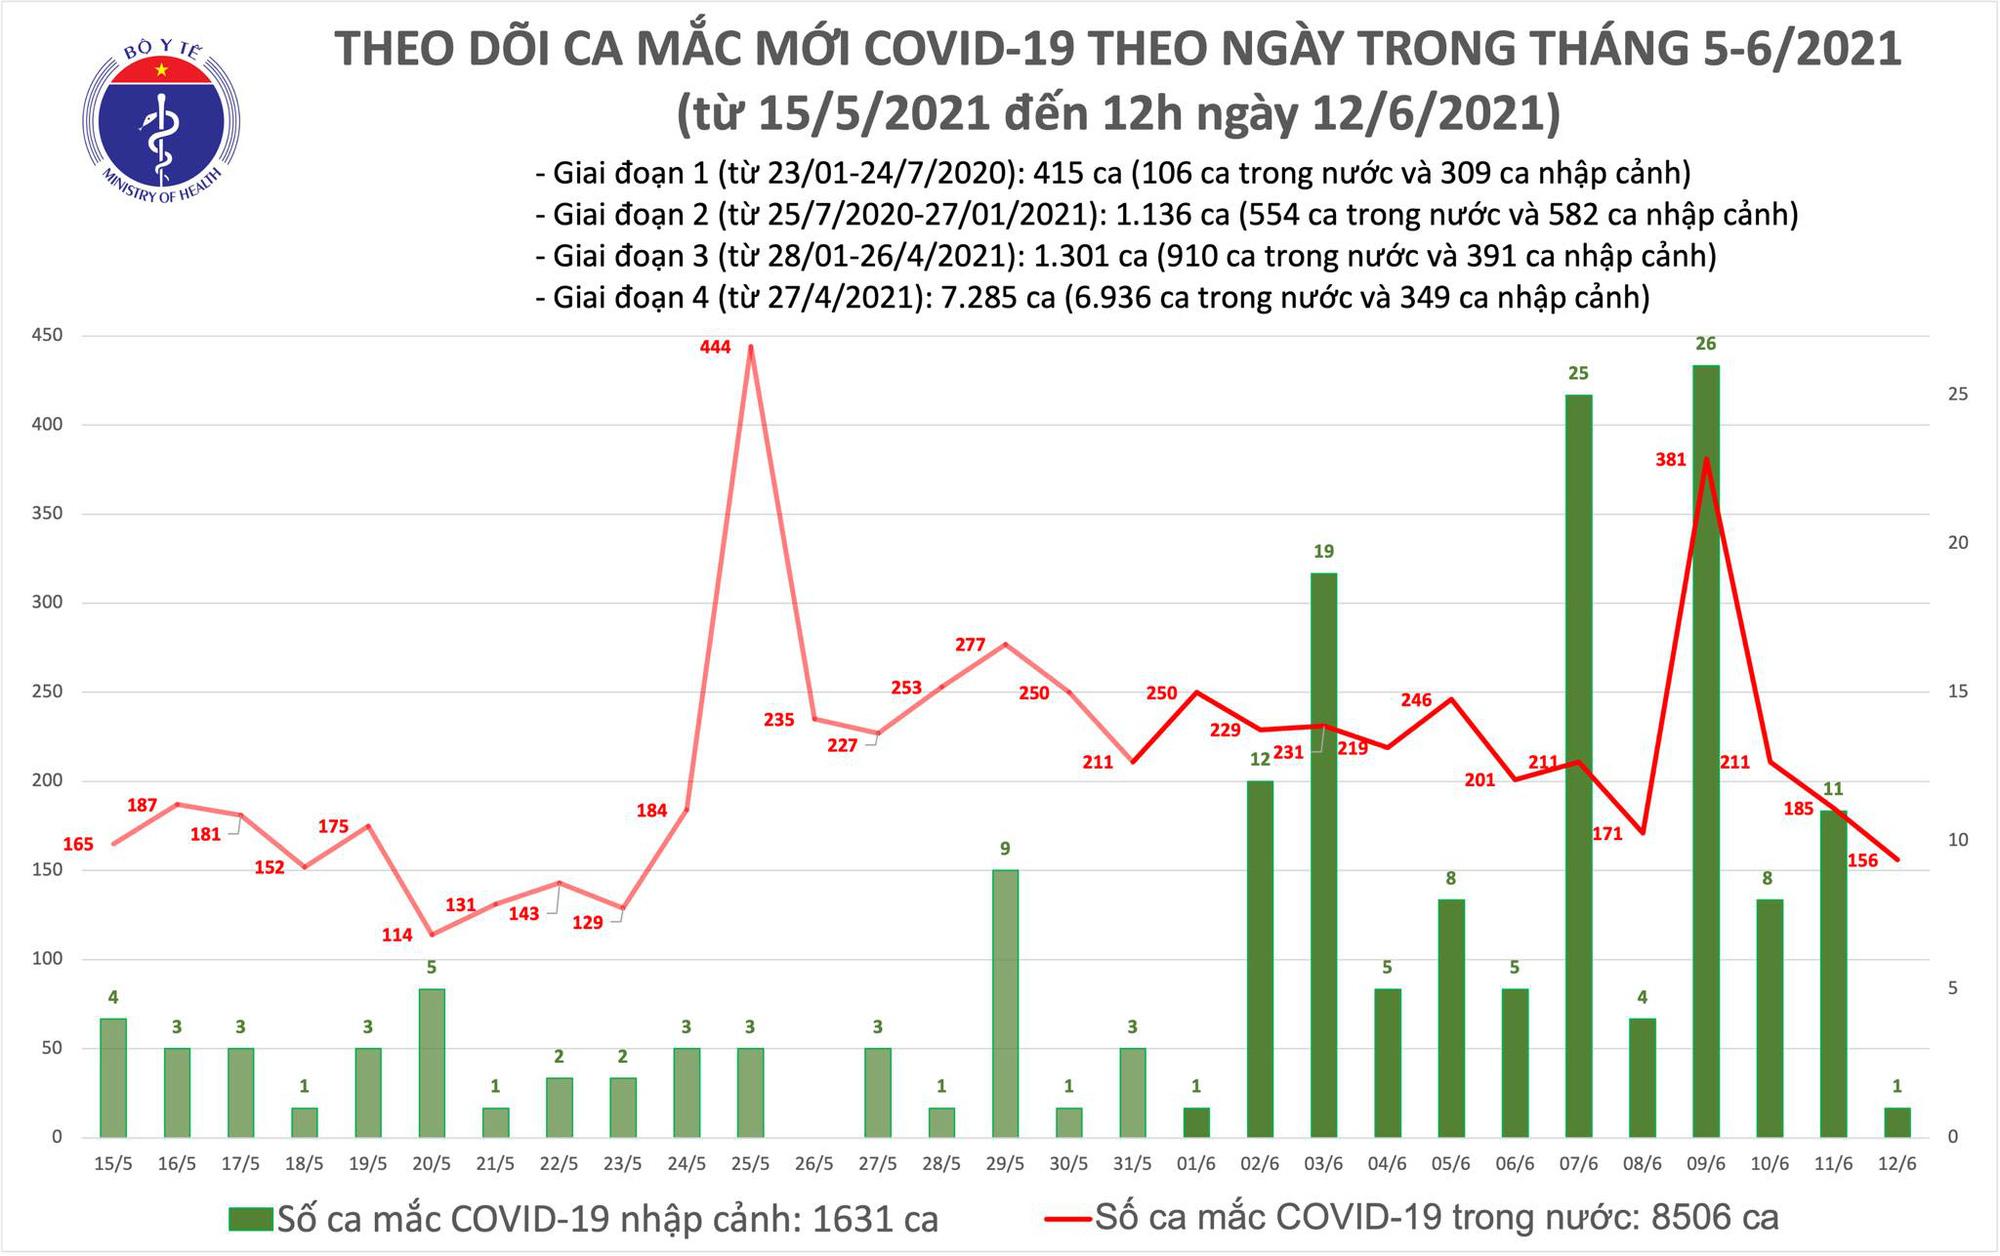 Diễn biến dịch ngày 12/6: Việt Nam ghi nhận 261 bệnh nhân mắc COVID-19 trong ngày  - Ảnh 13.